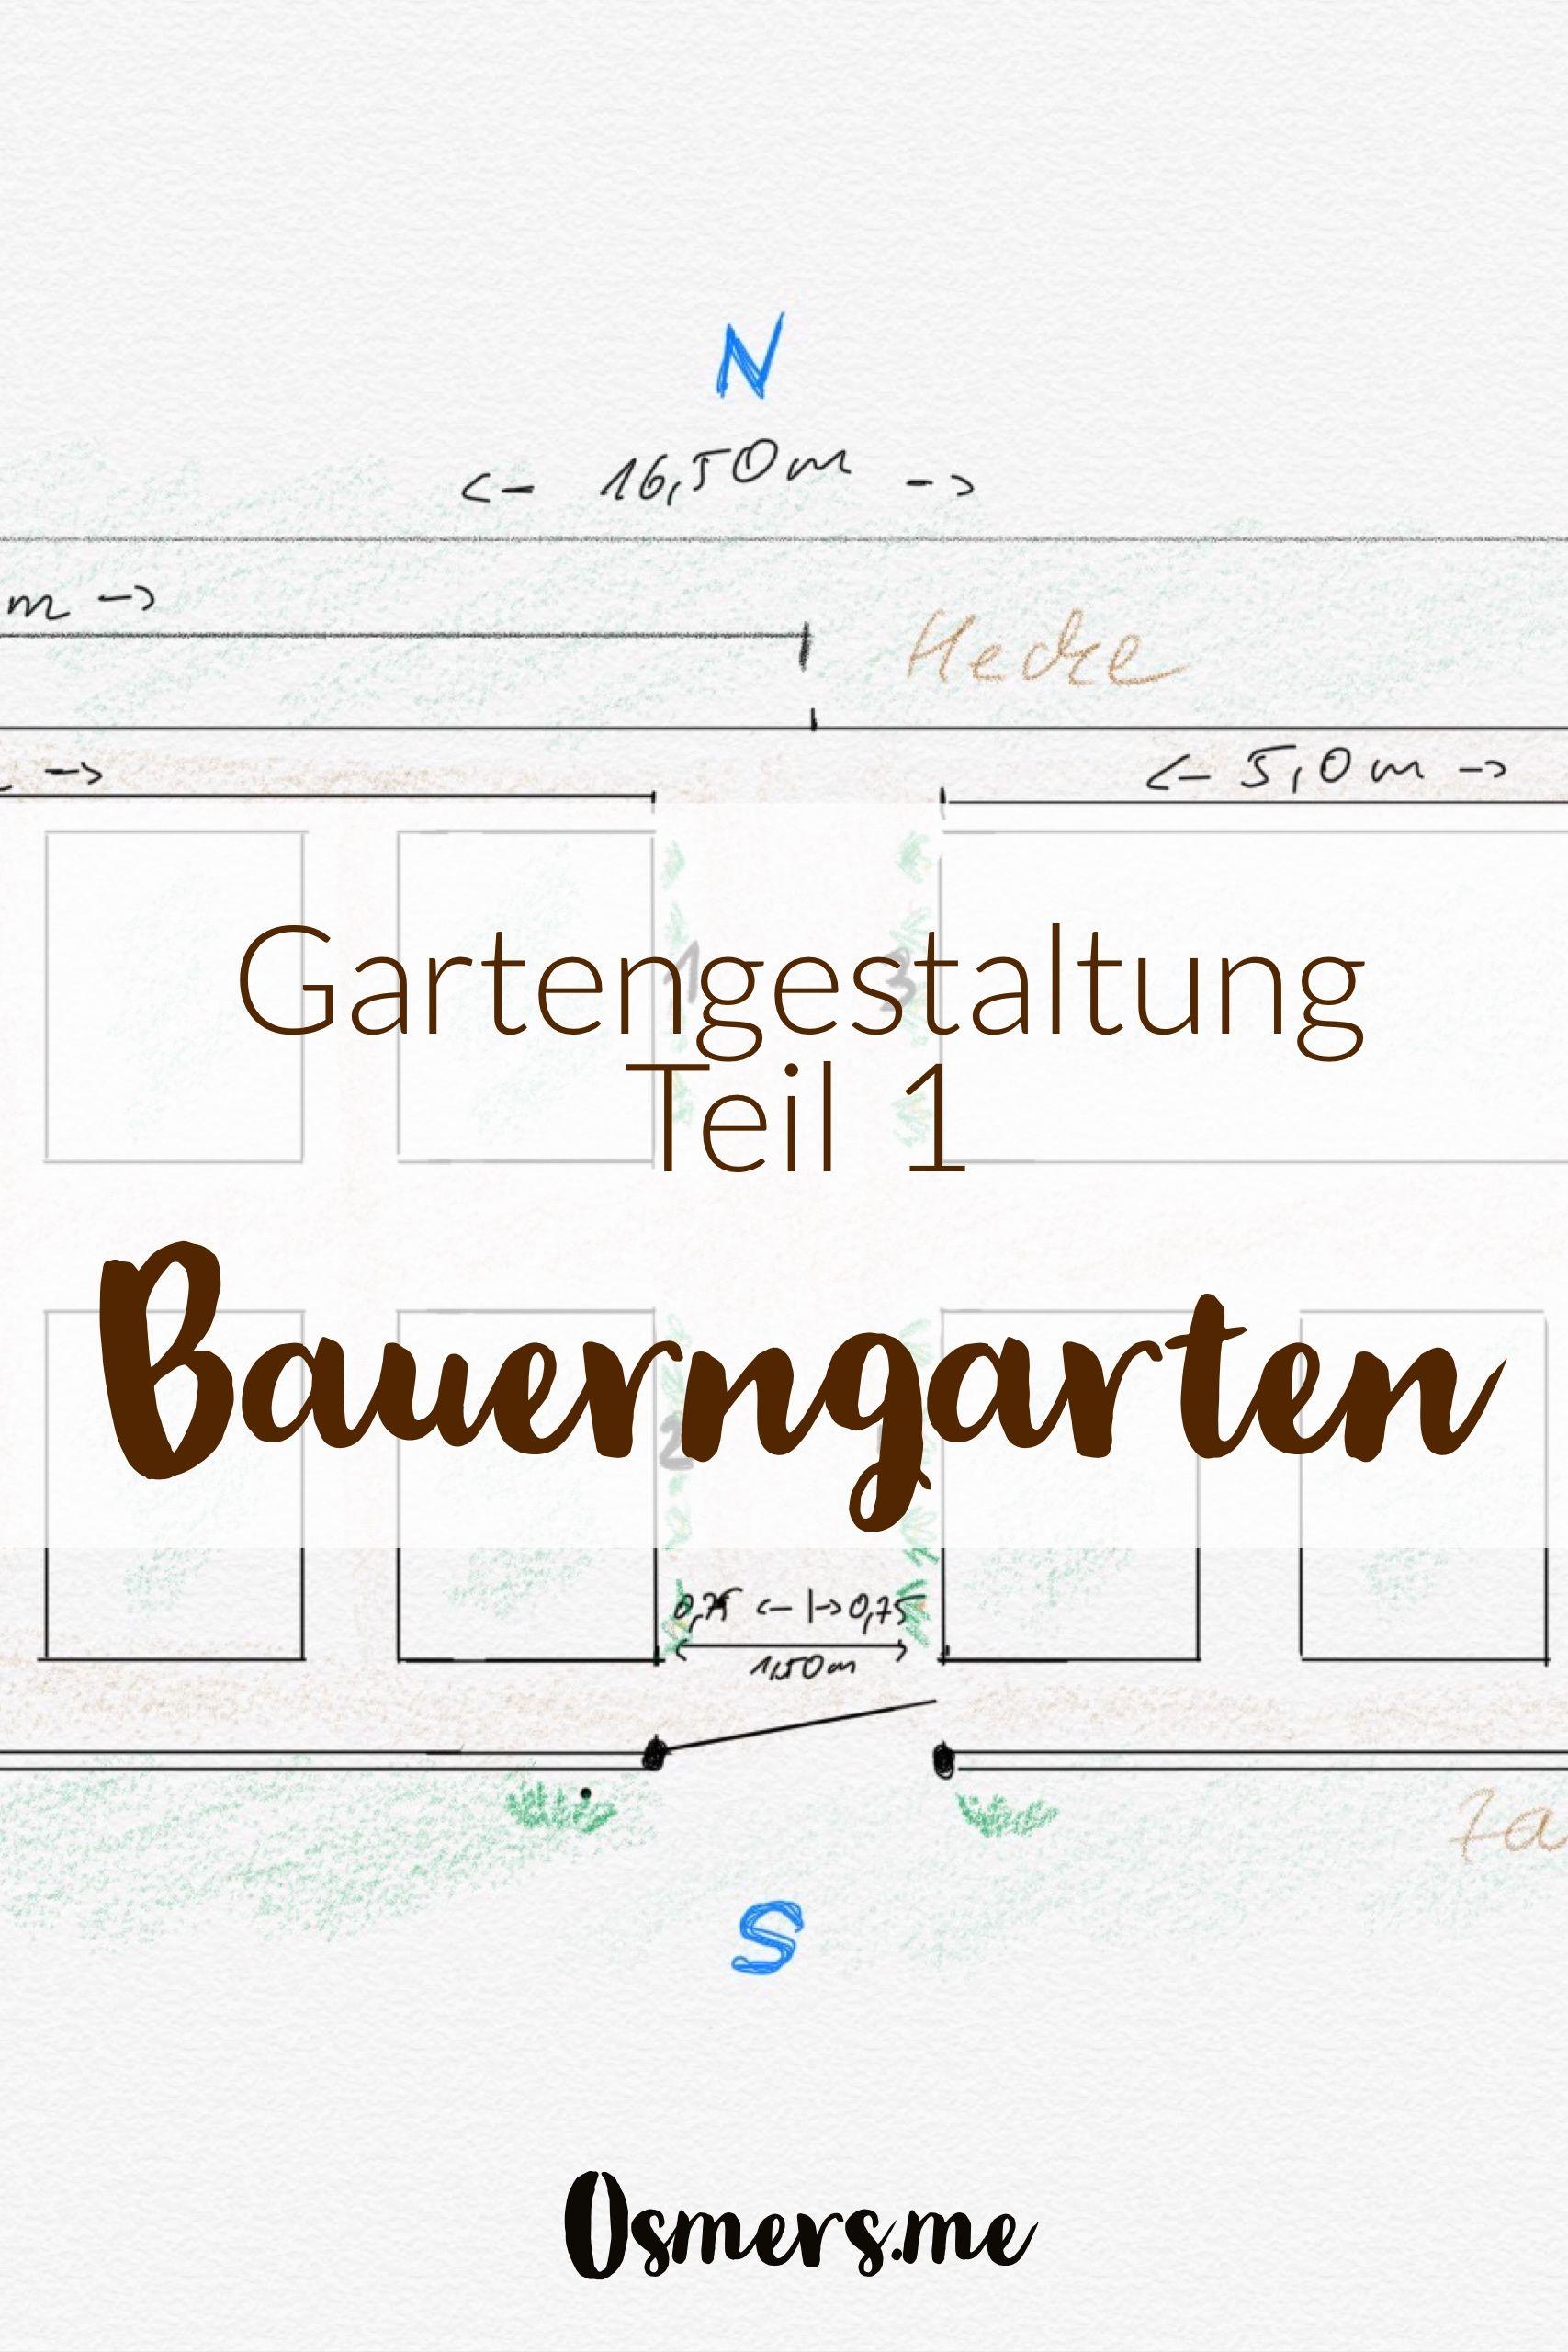 Gartengestaltung Teil 1 Garten Planen Osmers Garten Garten Planen Gartengestaltung Bauerngarten Anlegen